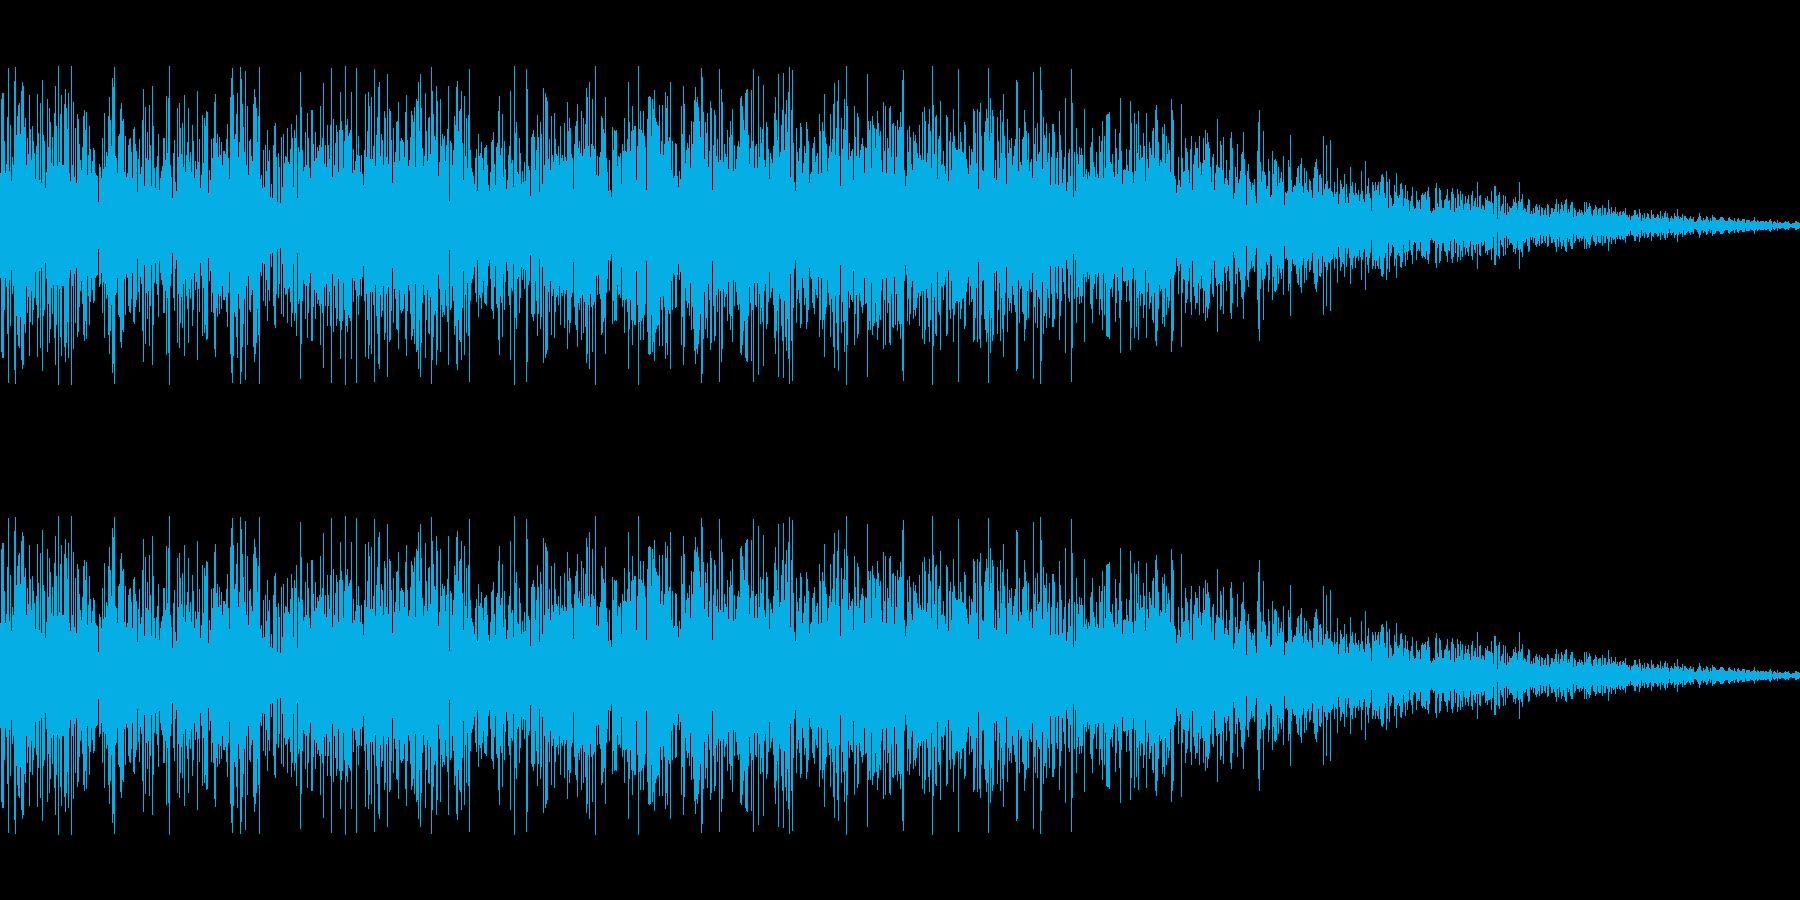 ロボット足音 タイプ14の再生済みの波形